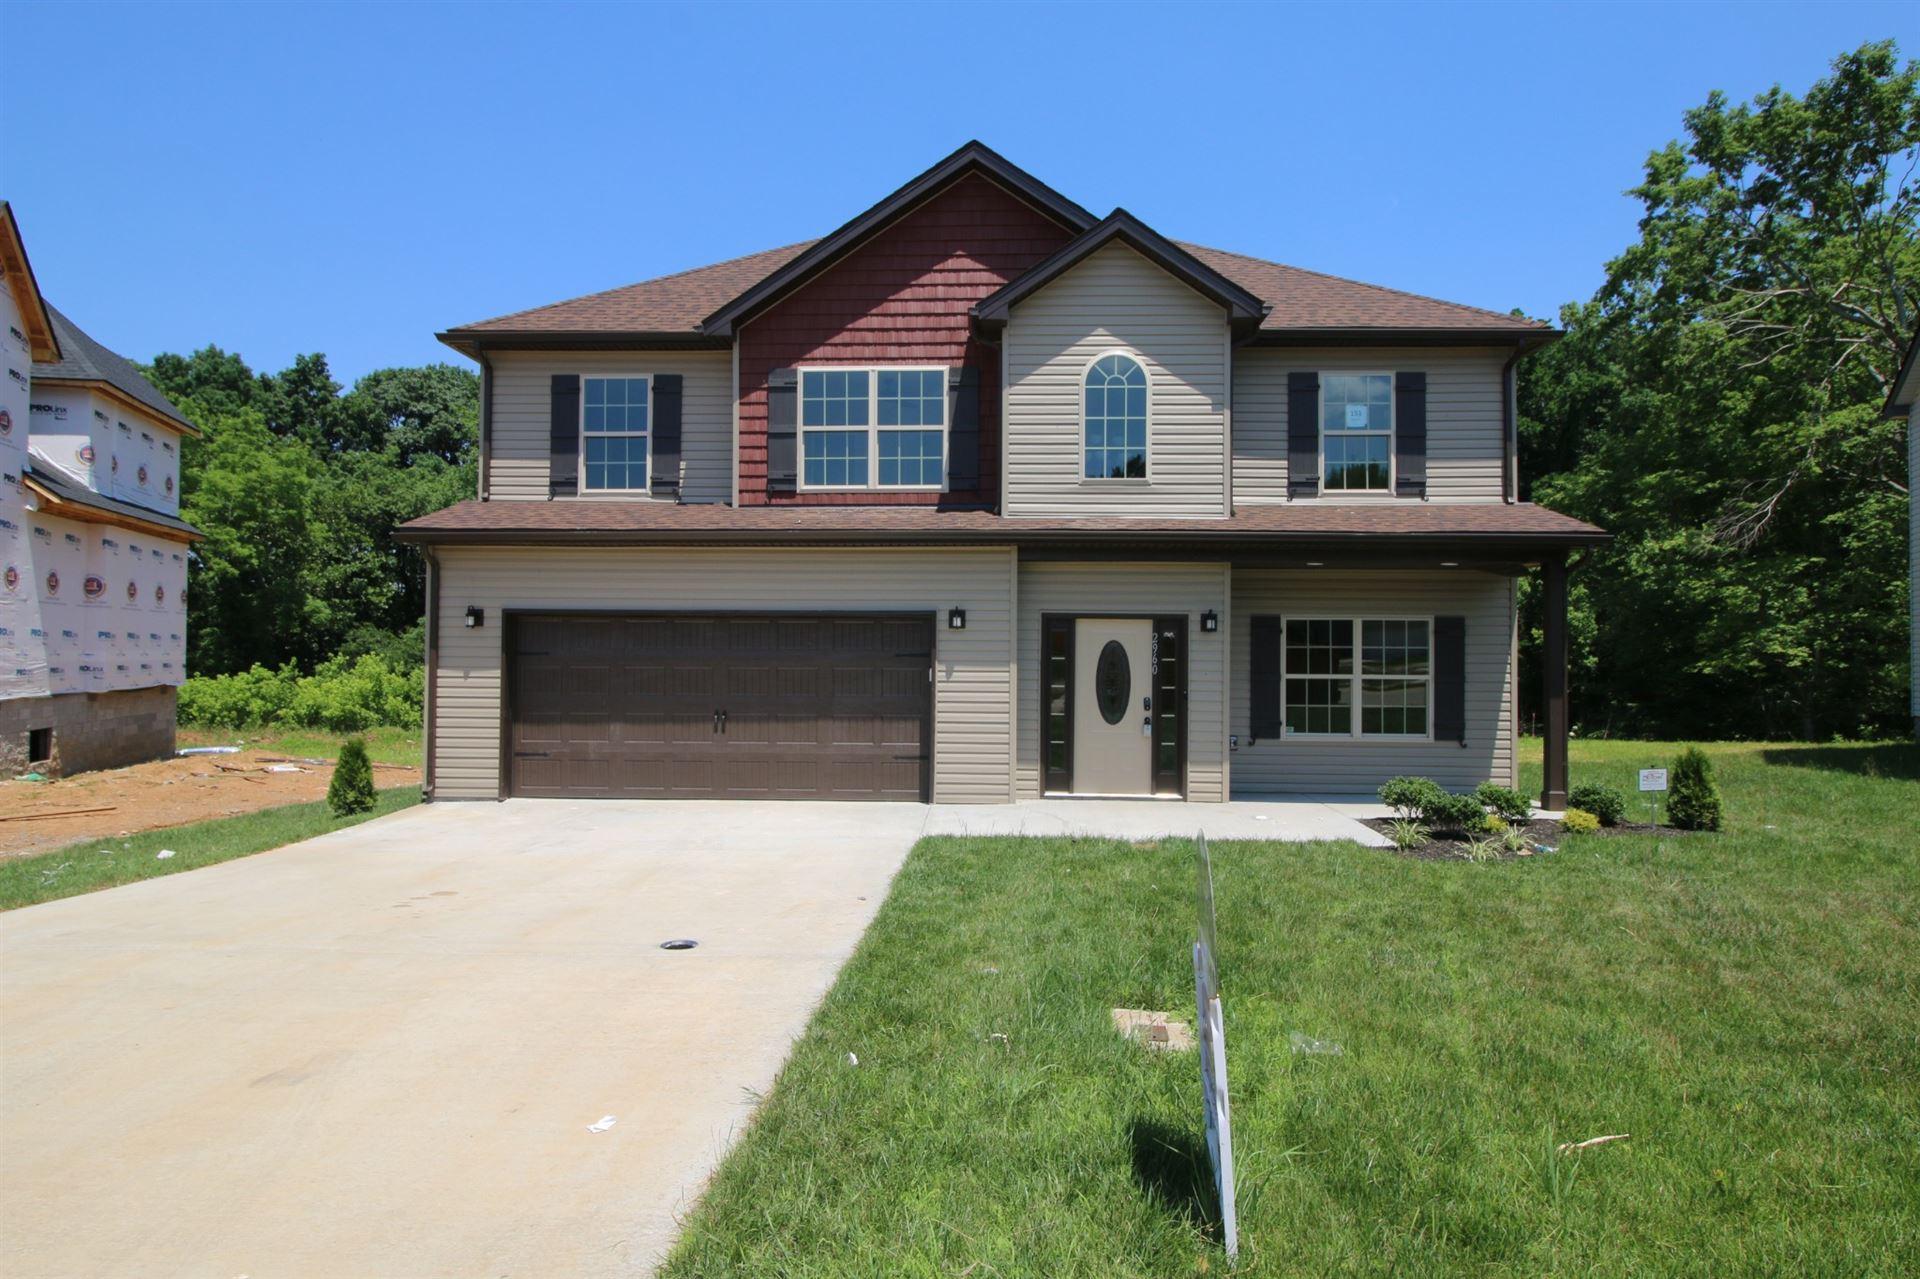 151 Chalet Hills, Clarksville, TN 37040 - MLS#: 2219695